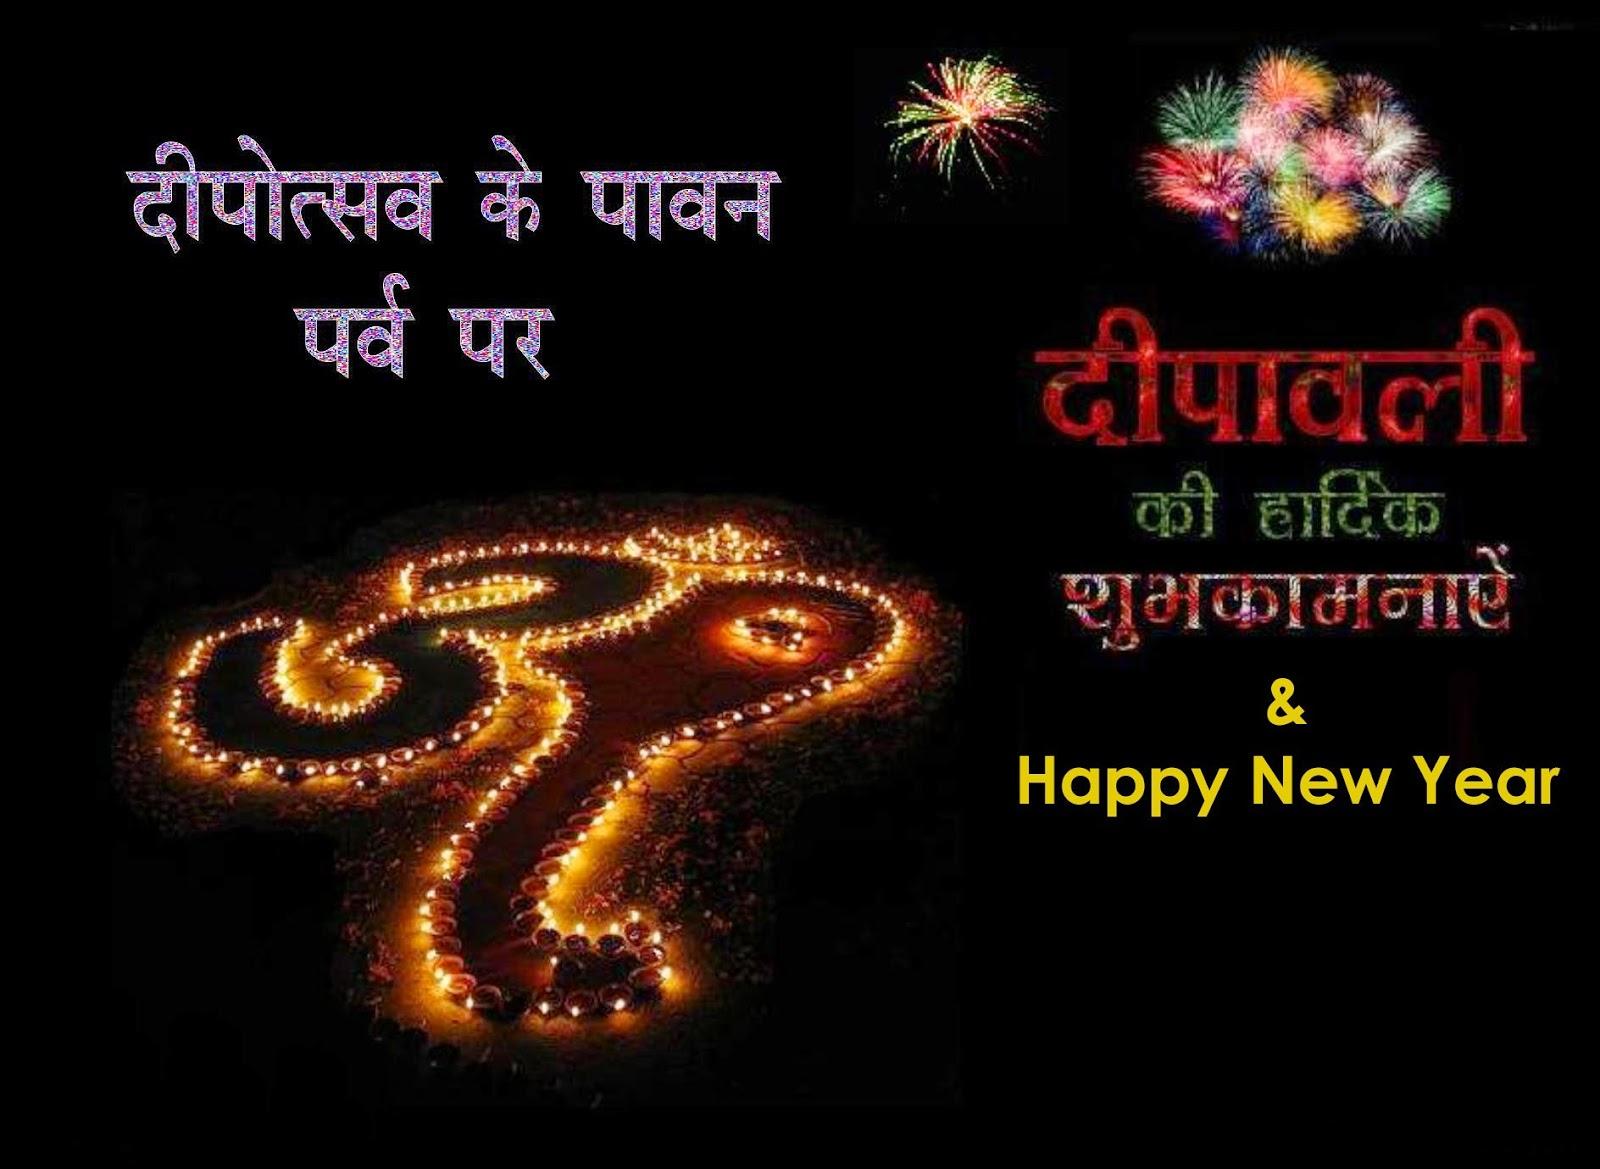 Diwali Wishes 2017 In Hindi : 50+ Deepavali Wishes